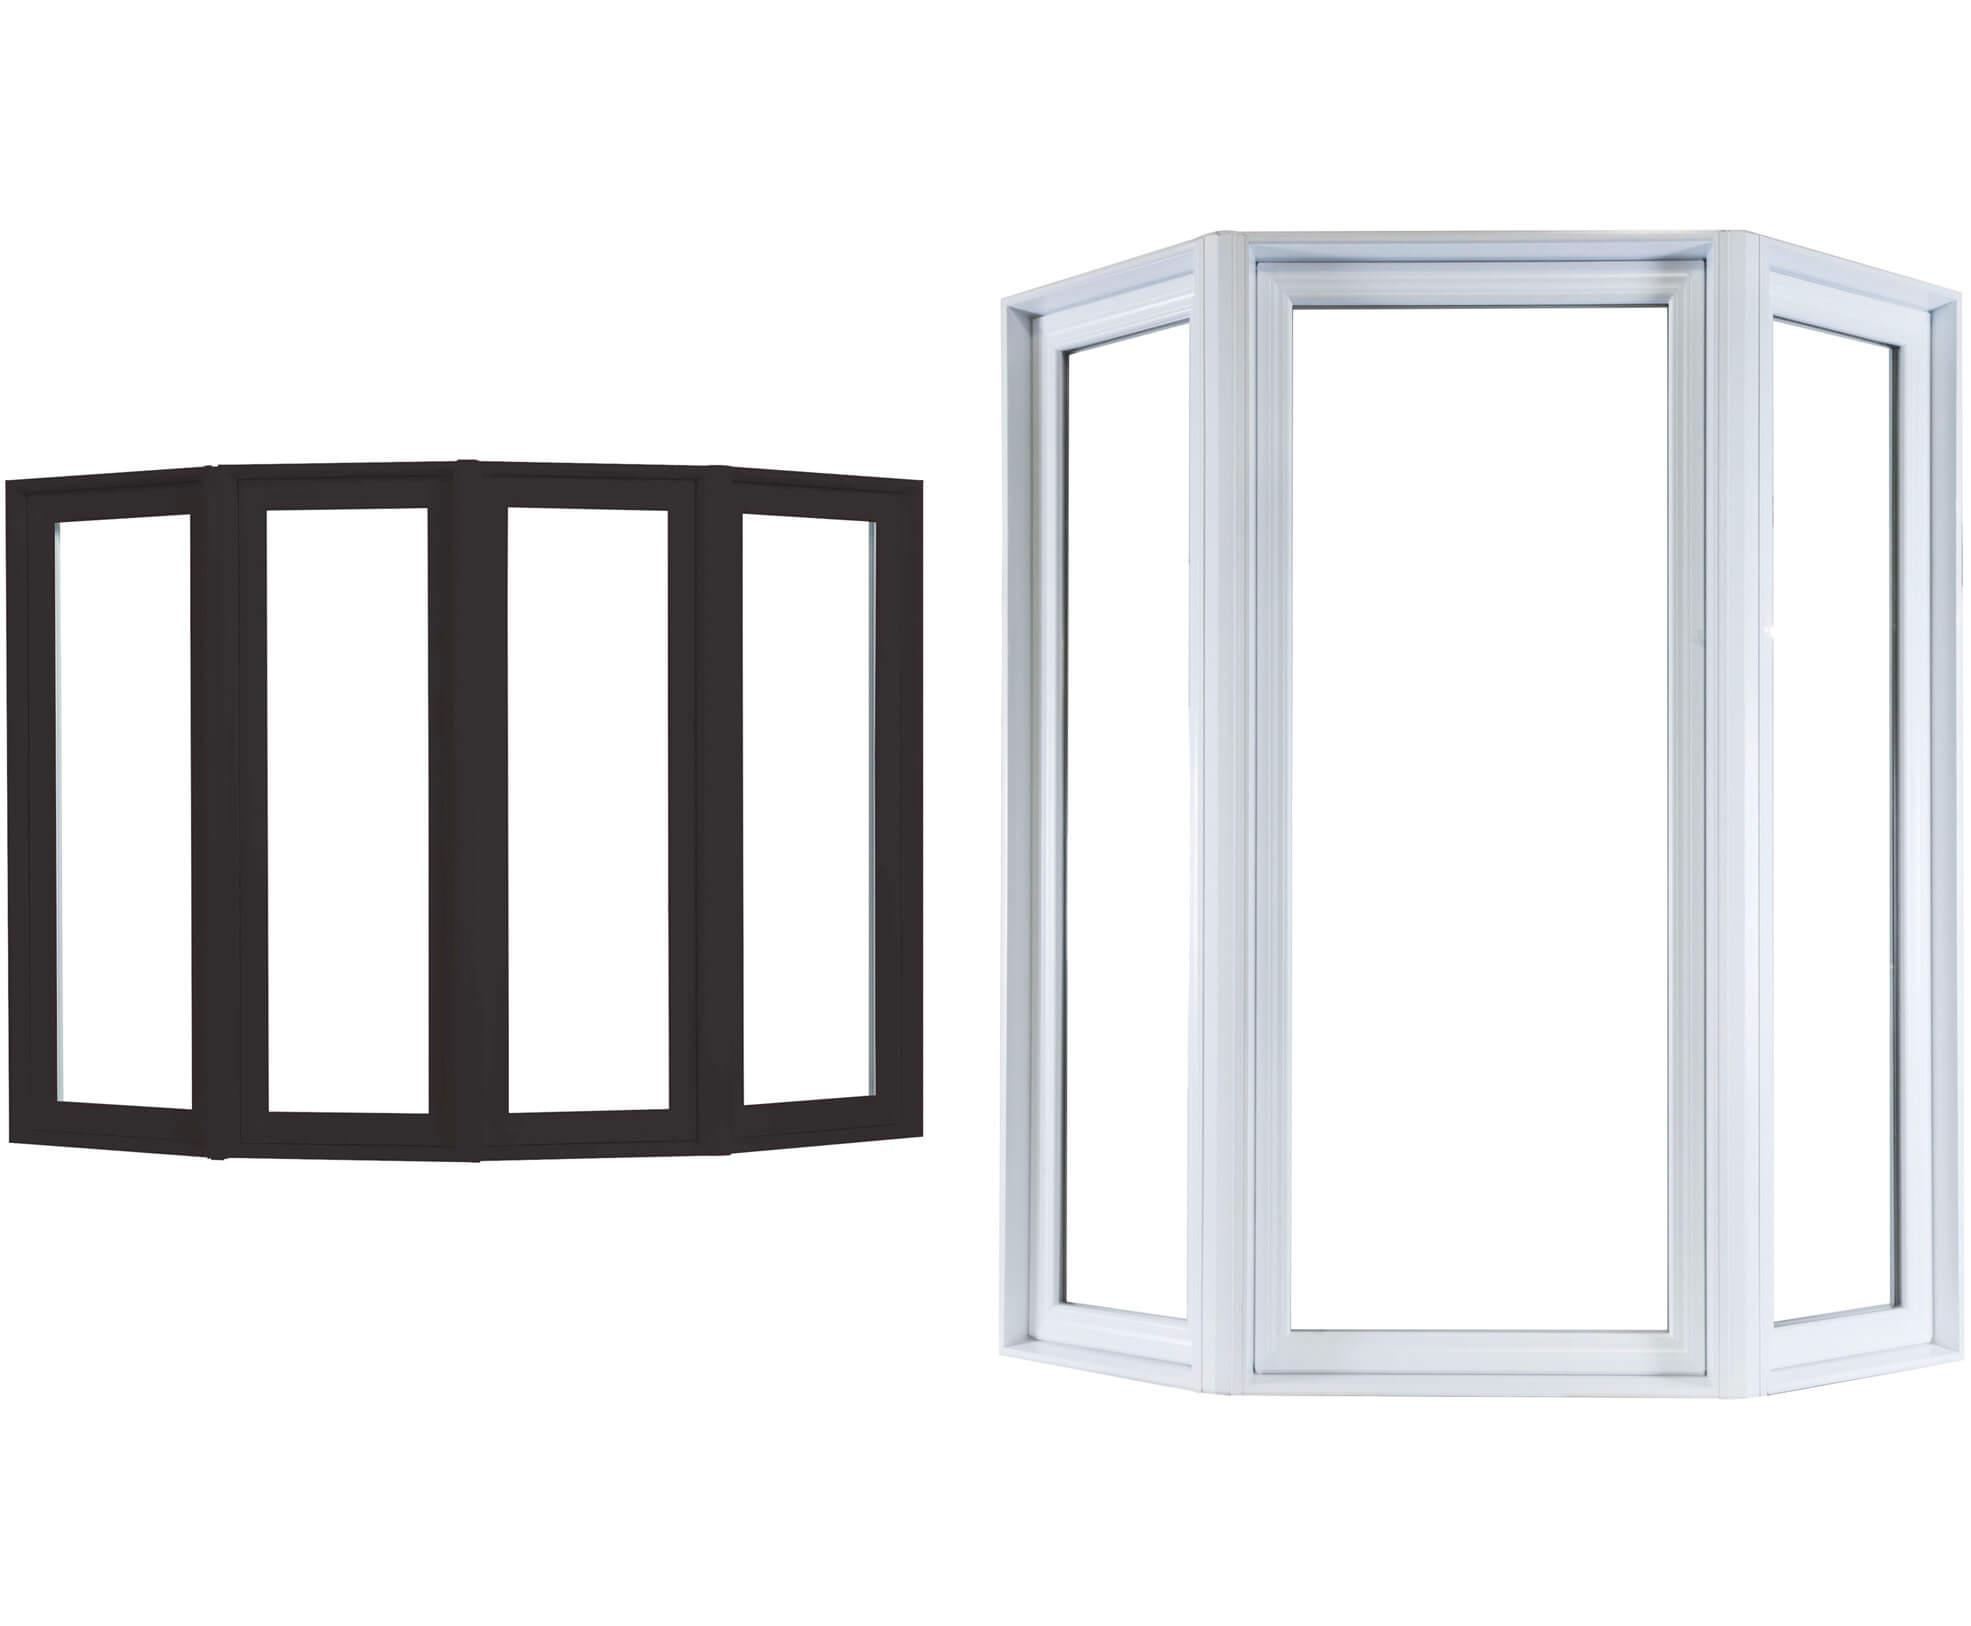 pvc or aluminium architectural windows